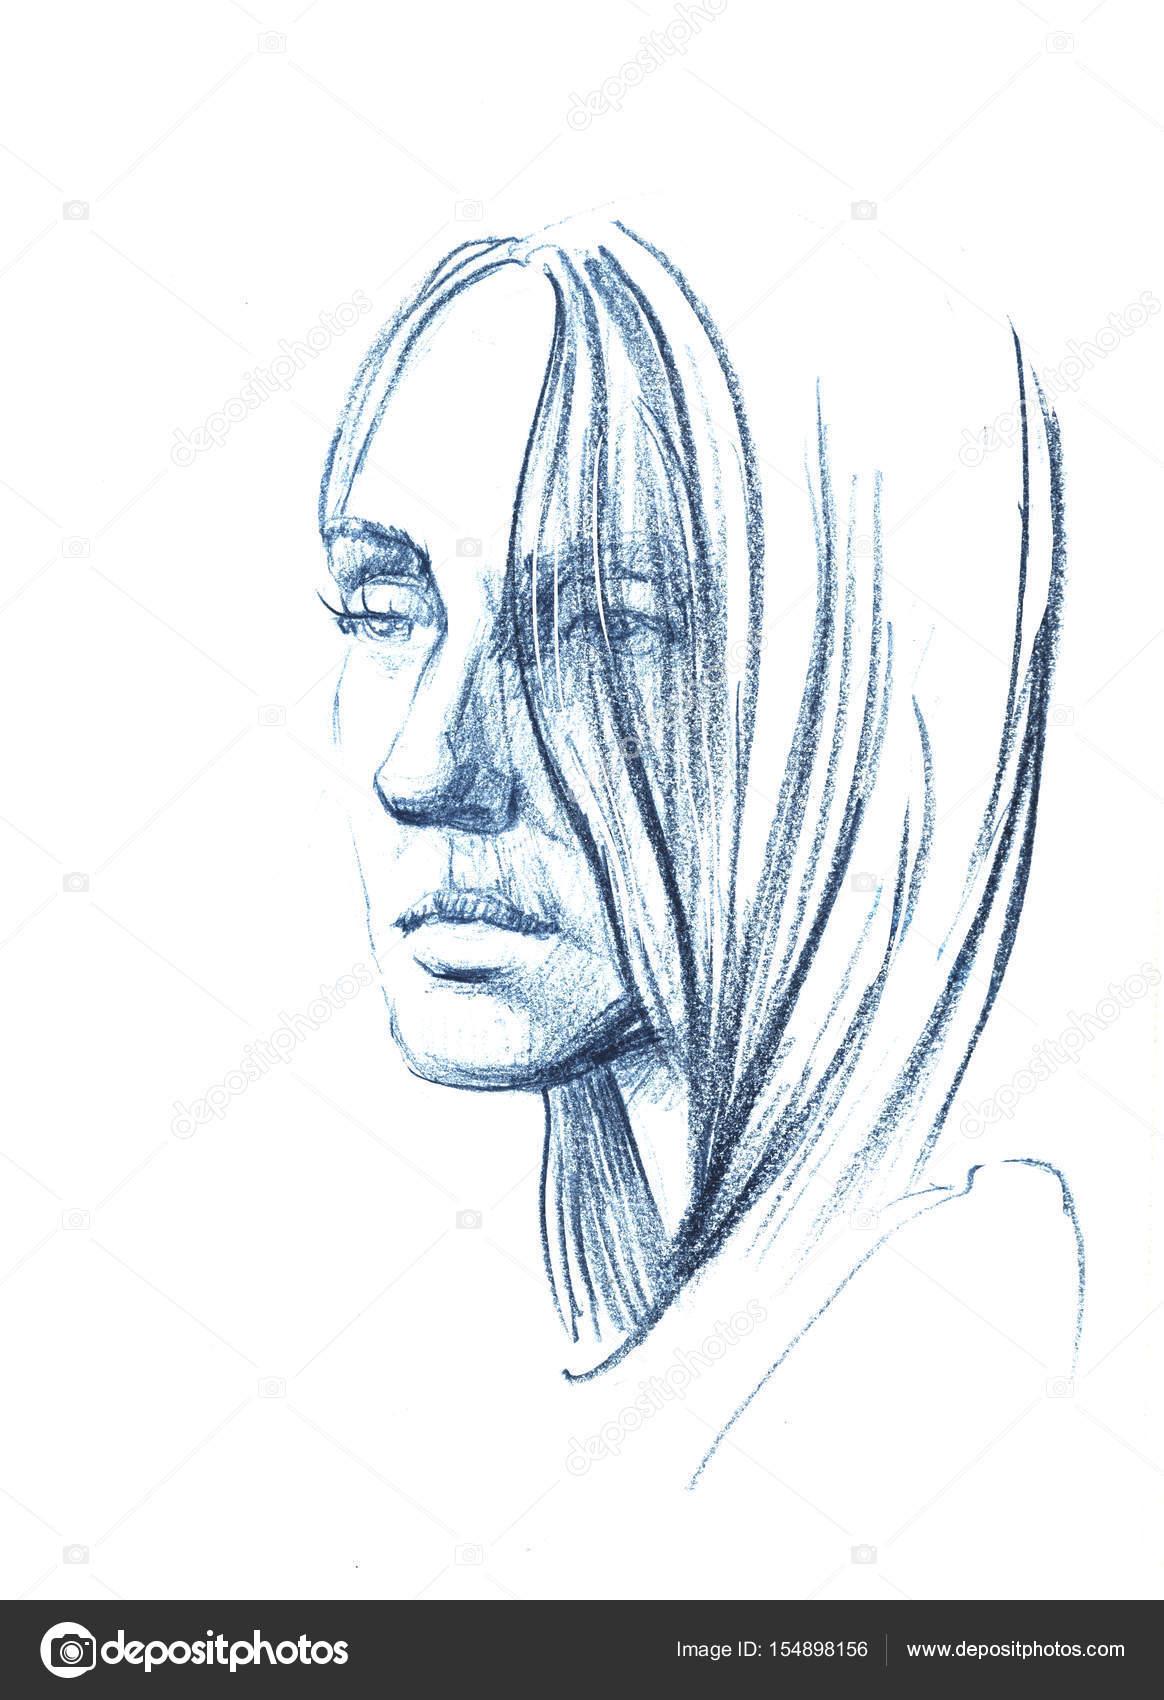 Mulher de ilustrações desenhadas de mão desenho à mão livre retrato feminino foto de design anyagmail com